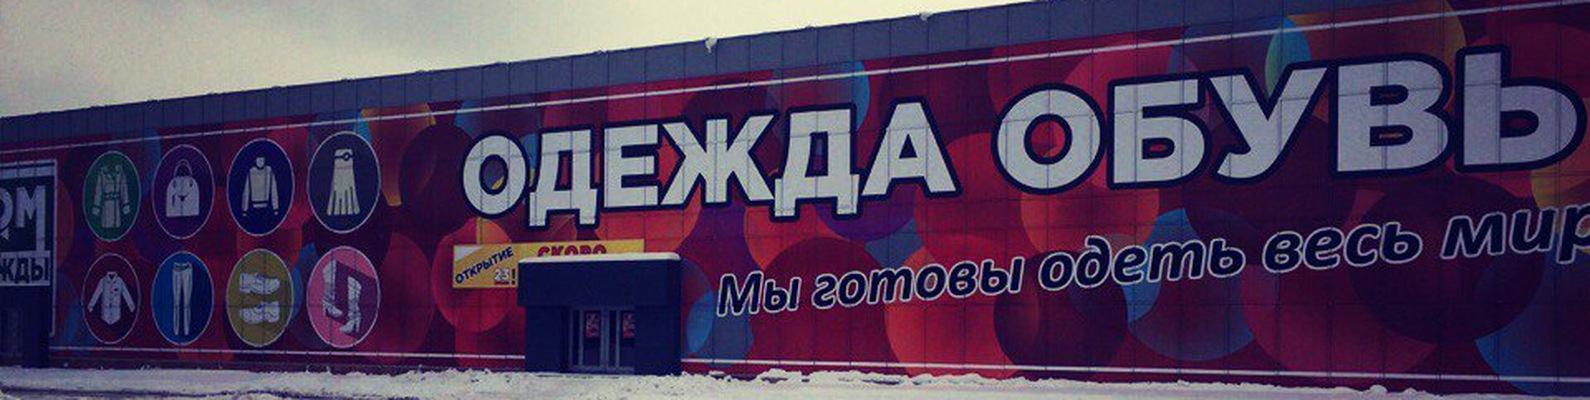 b077278c127e Дом Одежды и Обуви Киров   ВКонтакте